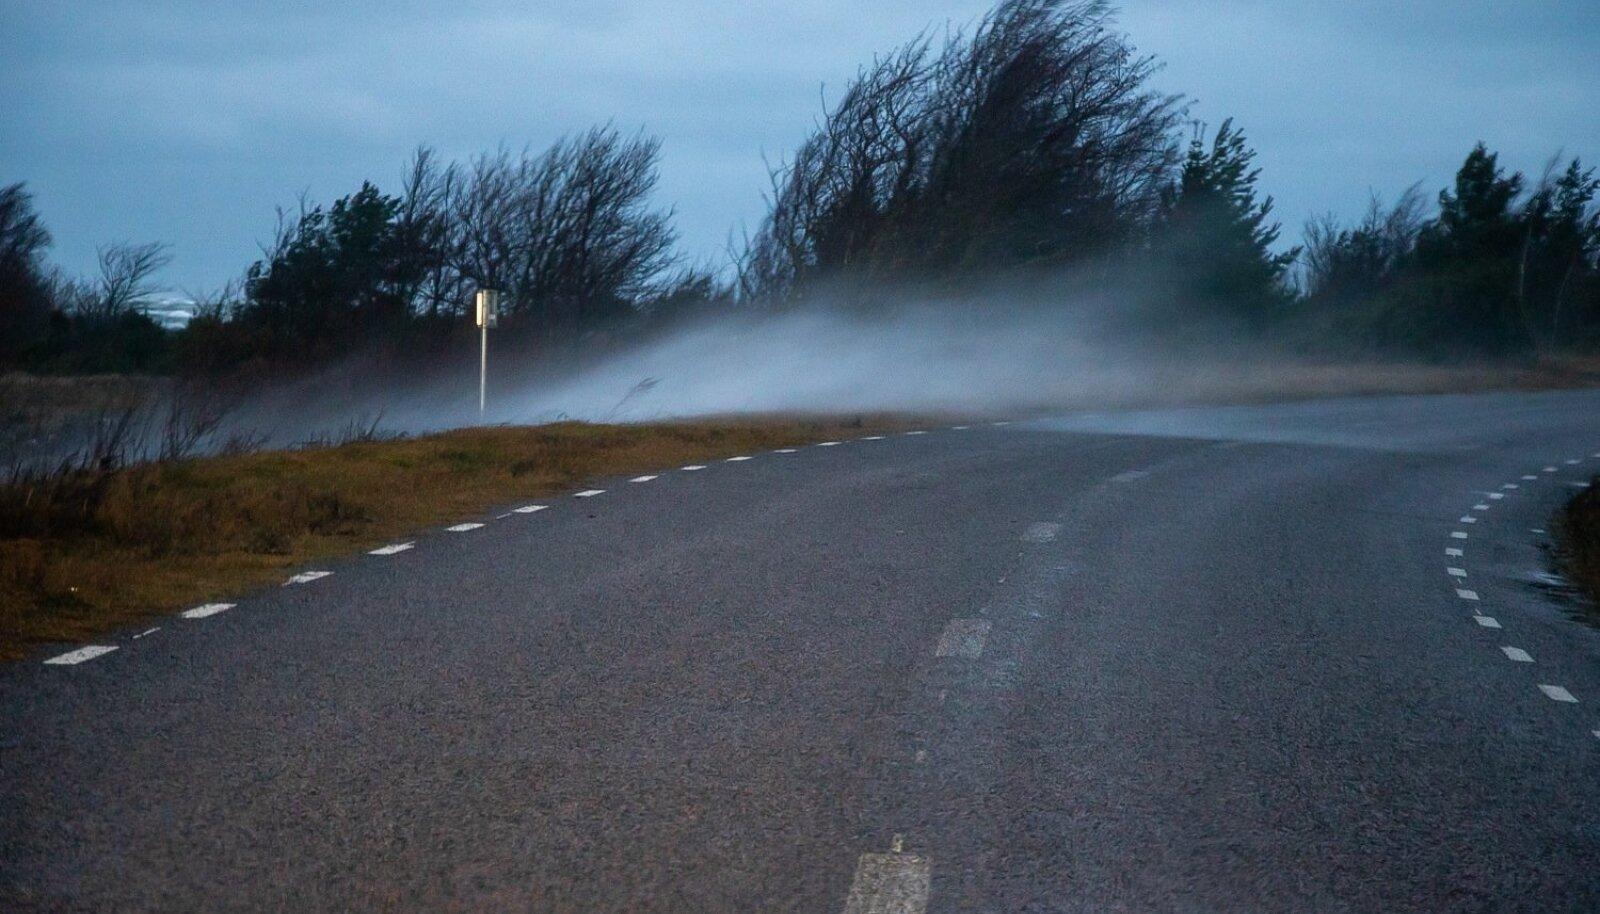 Torm Saaremaal, detsember 2019Mahalangenud puuoksad, tuule kiirus Sõrves 28,8 m/s, murdunud puud teel.